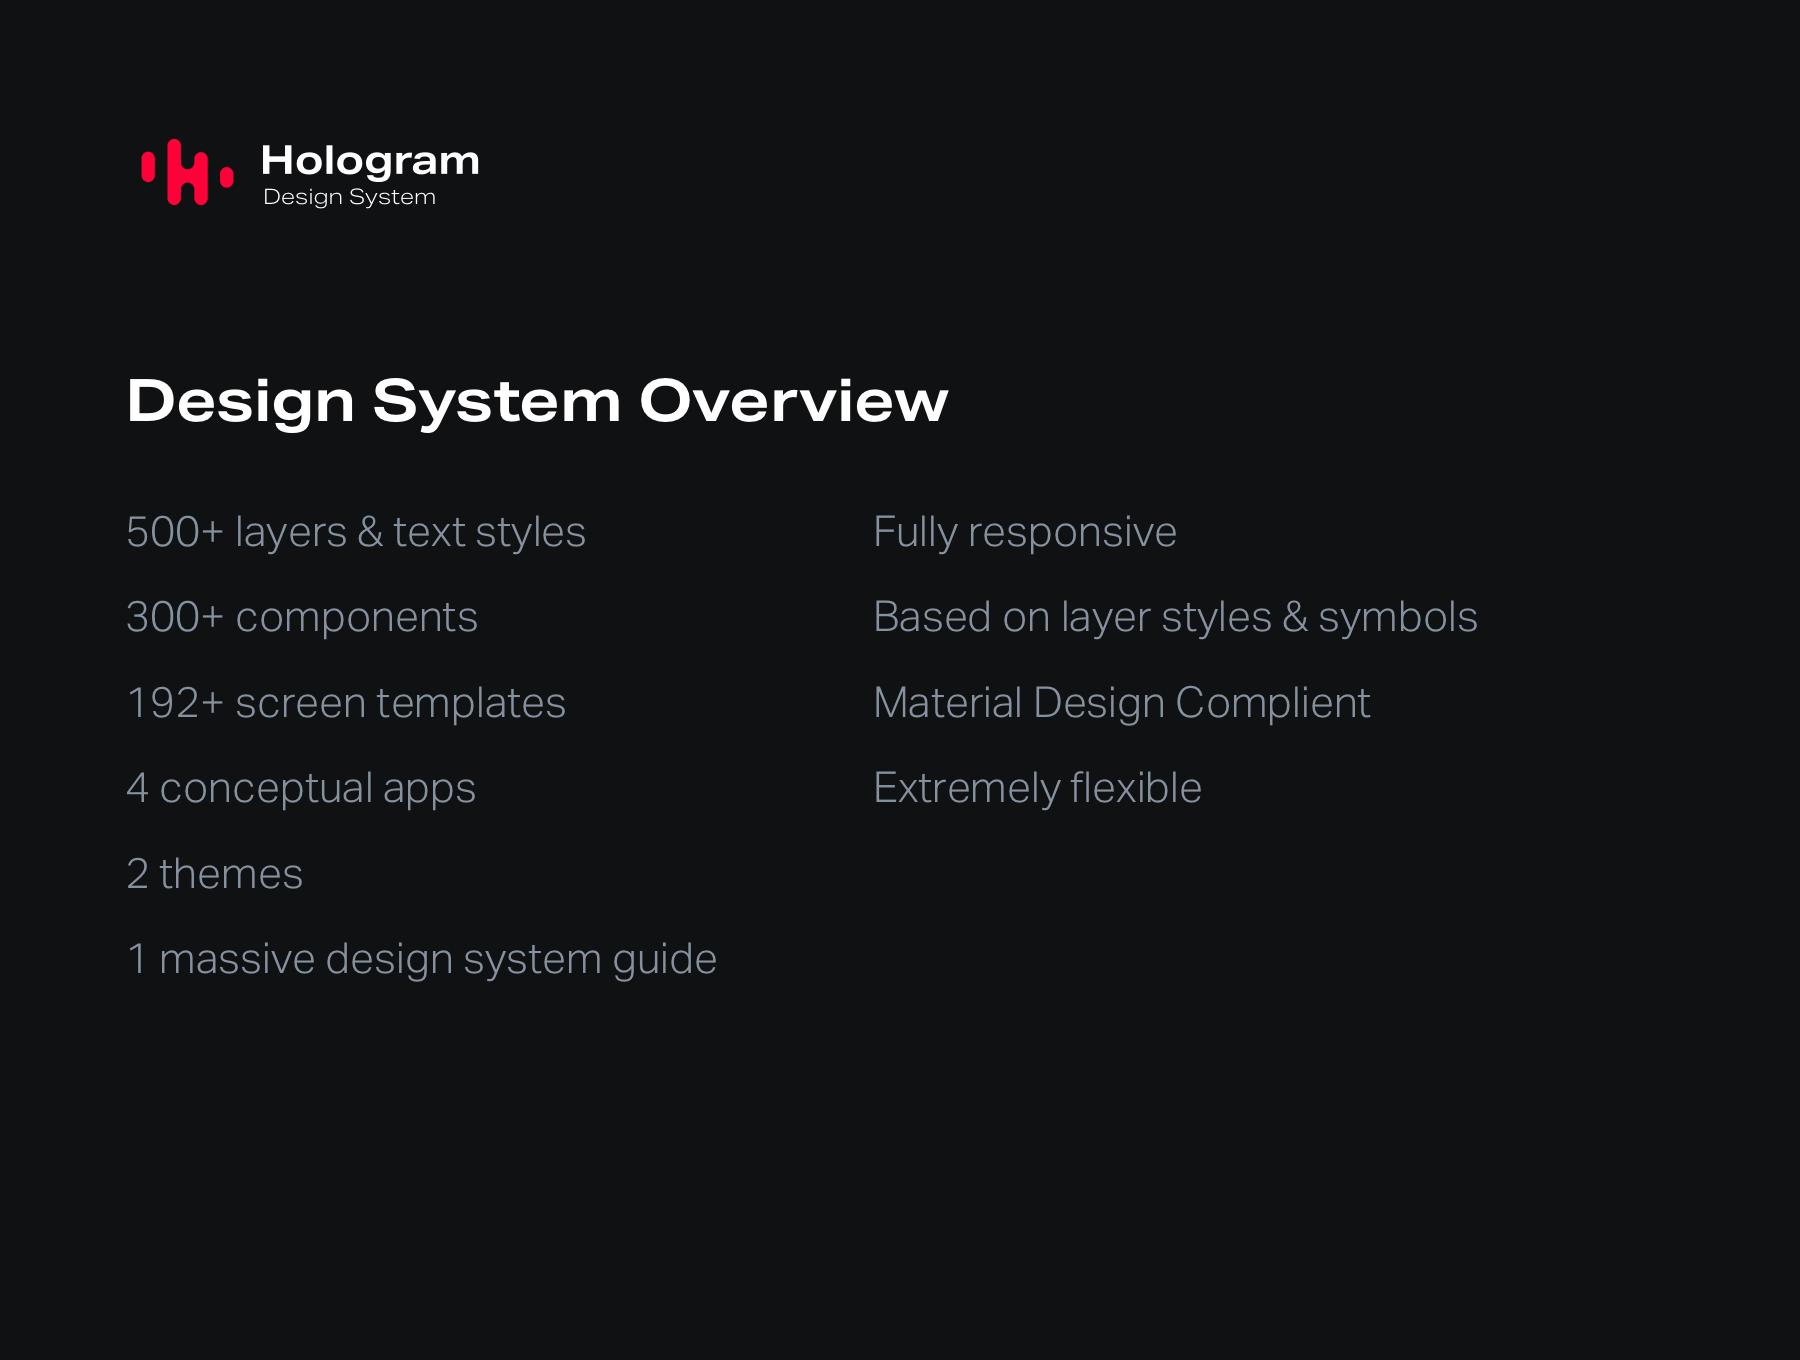 Hologram Design System